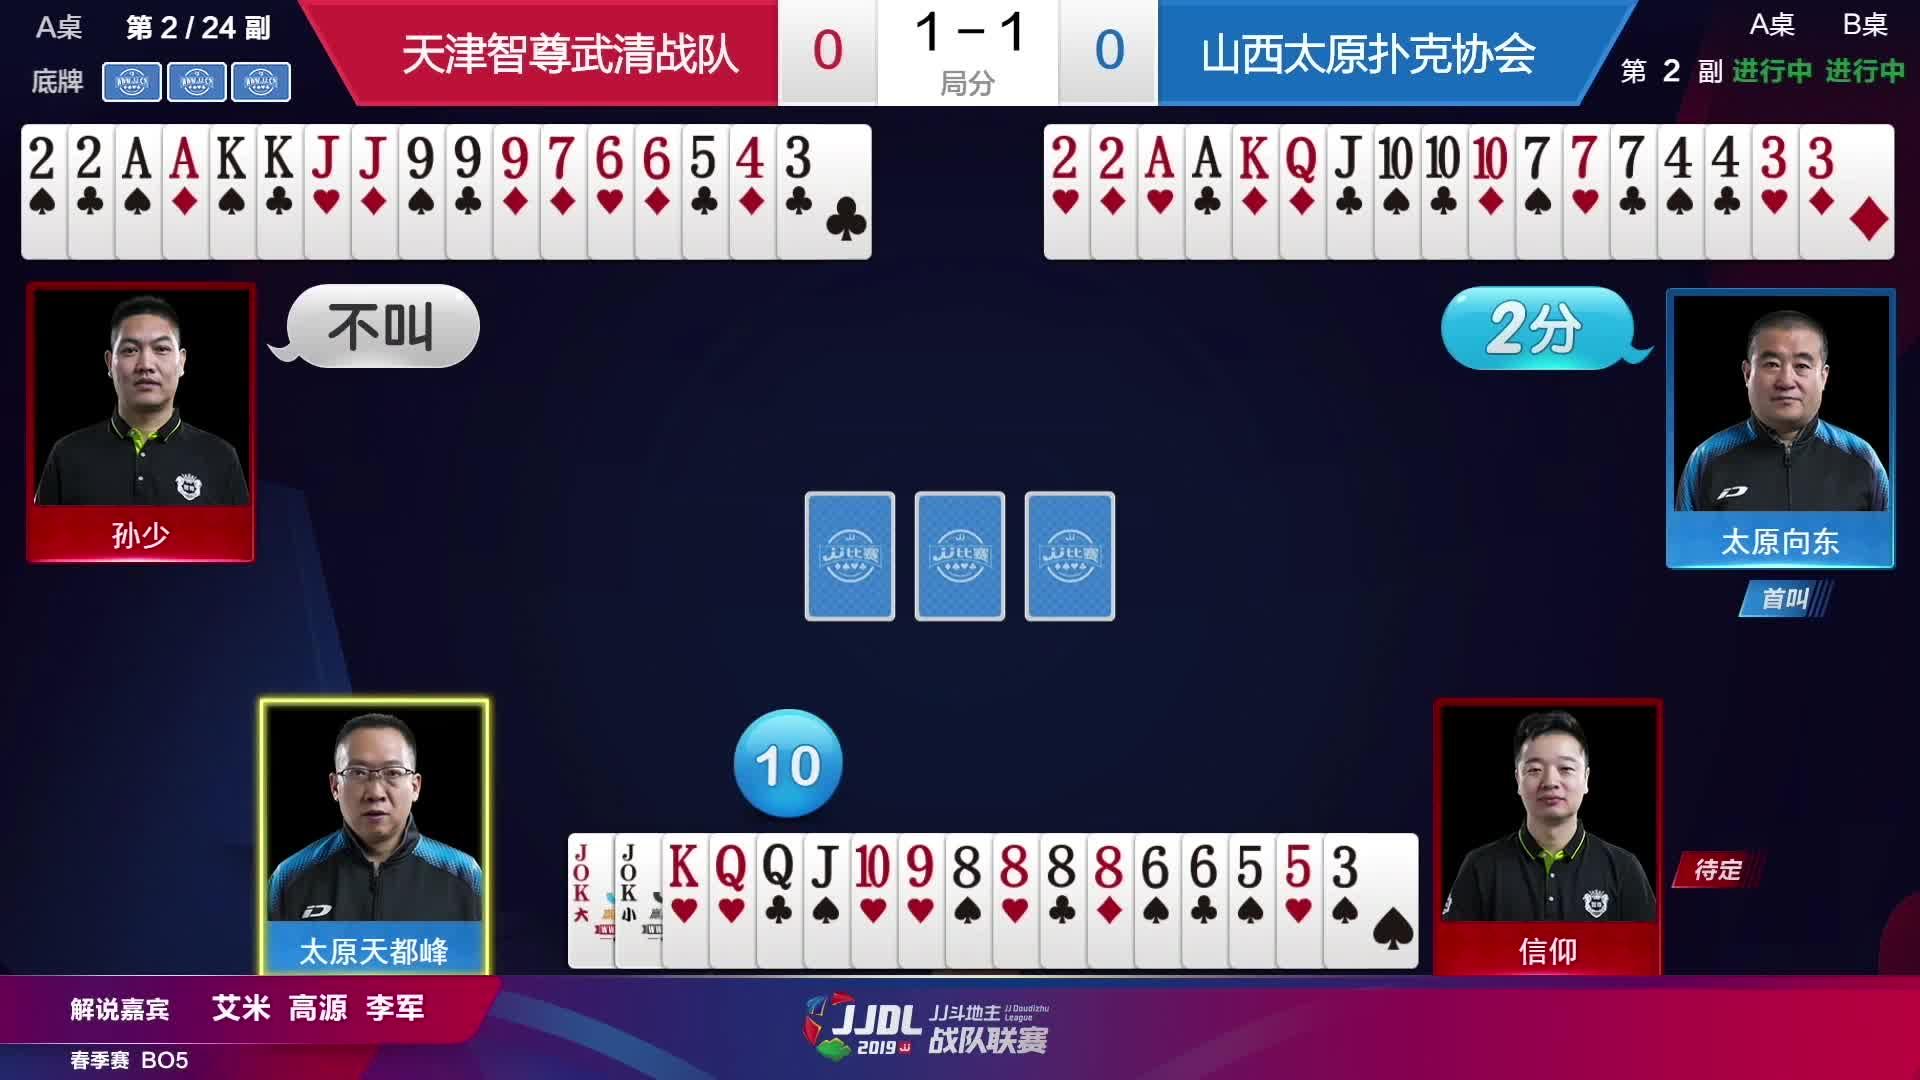 斗地主:天王炸8888炸,有机会赢两炸的牌,被自己断送